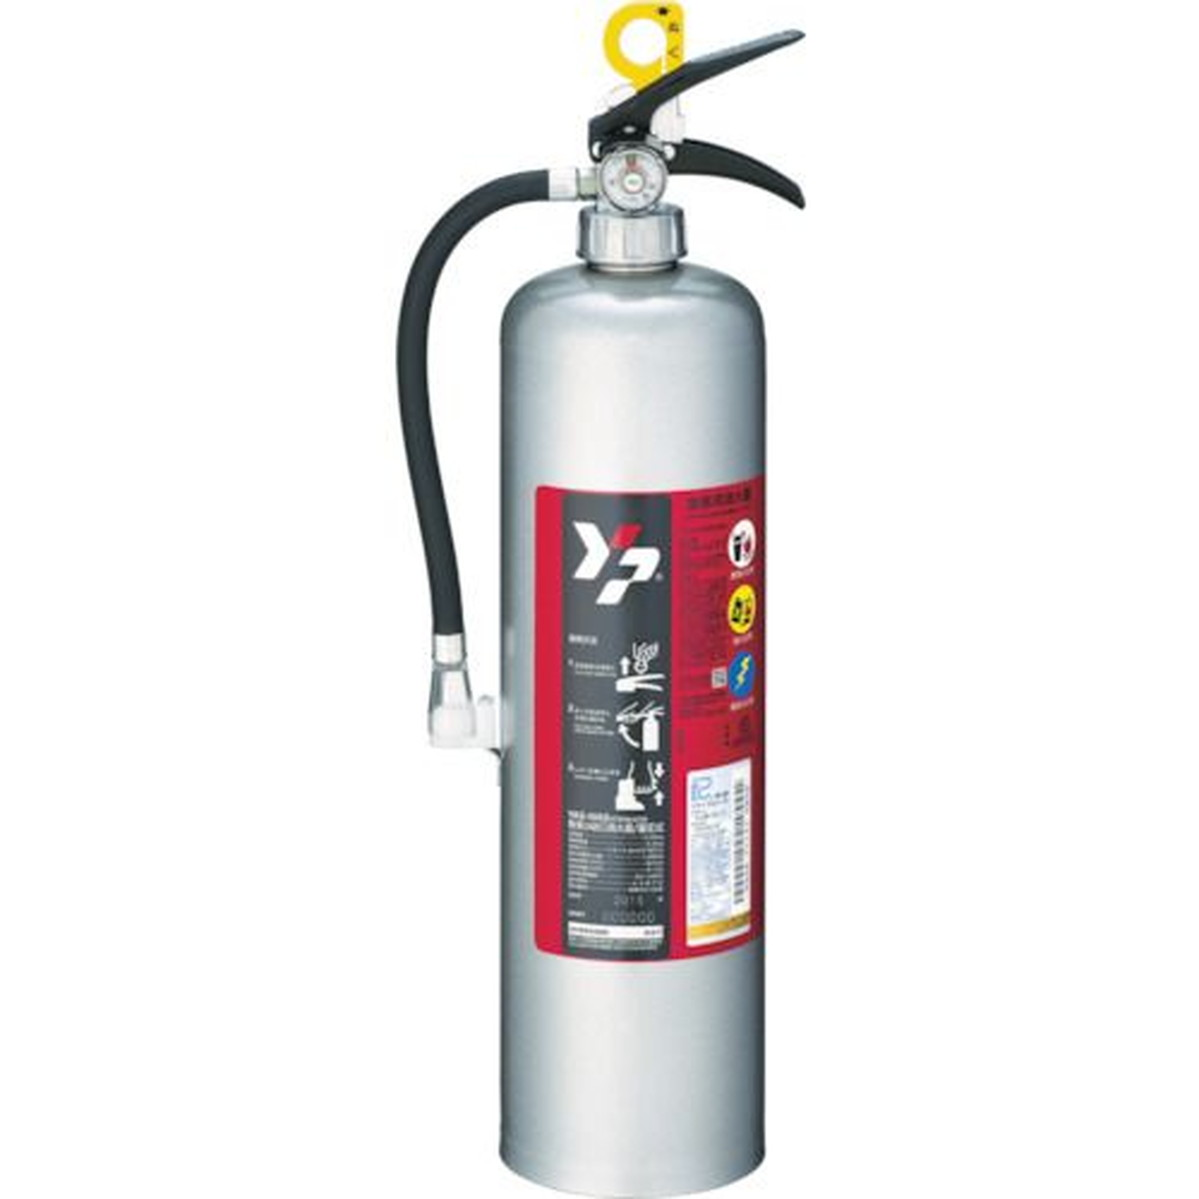 あす楽対応 DIY用品 人気 おすすめ ヤマト ABC粉末消火器10型蓄圧式SUS 1本 優先配送